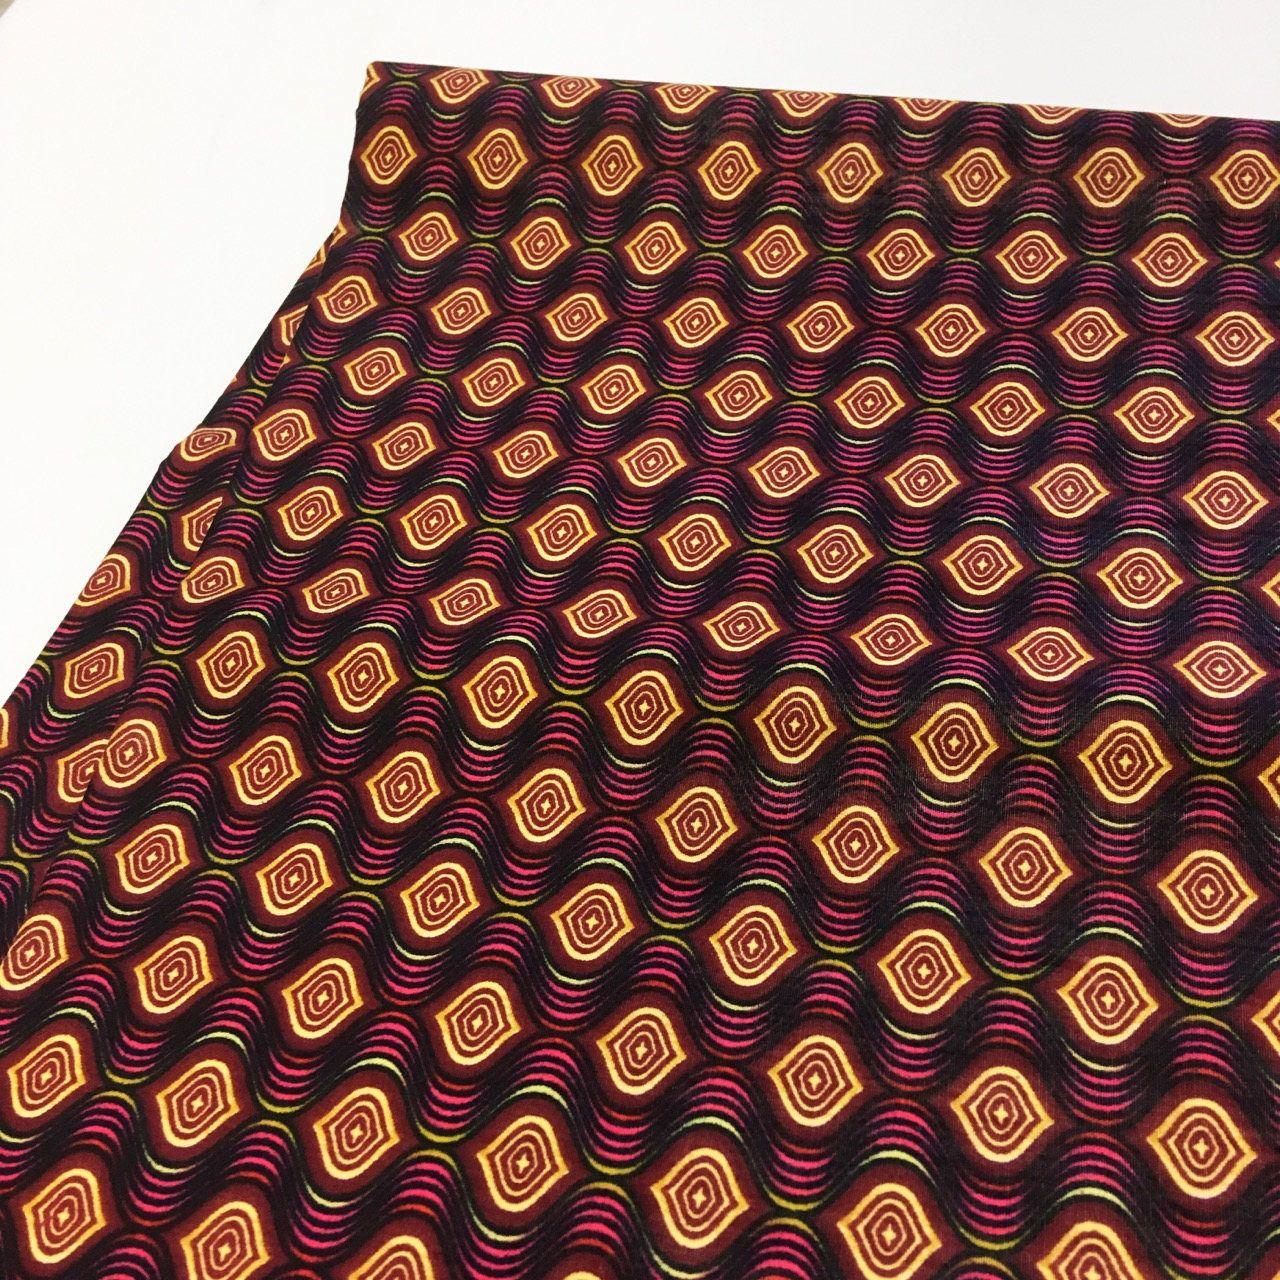 私の #etsy ショップからエキサイティングな新着商品を紹介します: African print / African fabric by the yard/ African wax/ Ankara fabric/